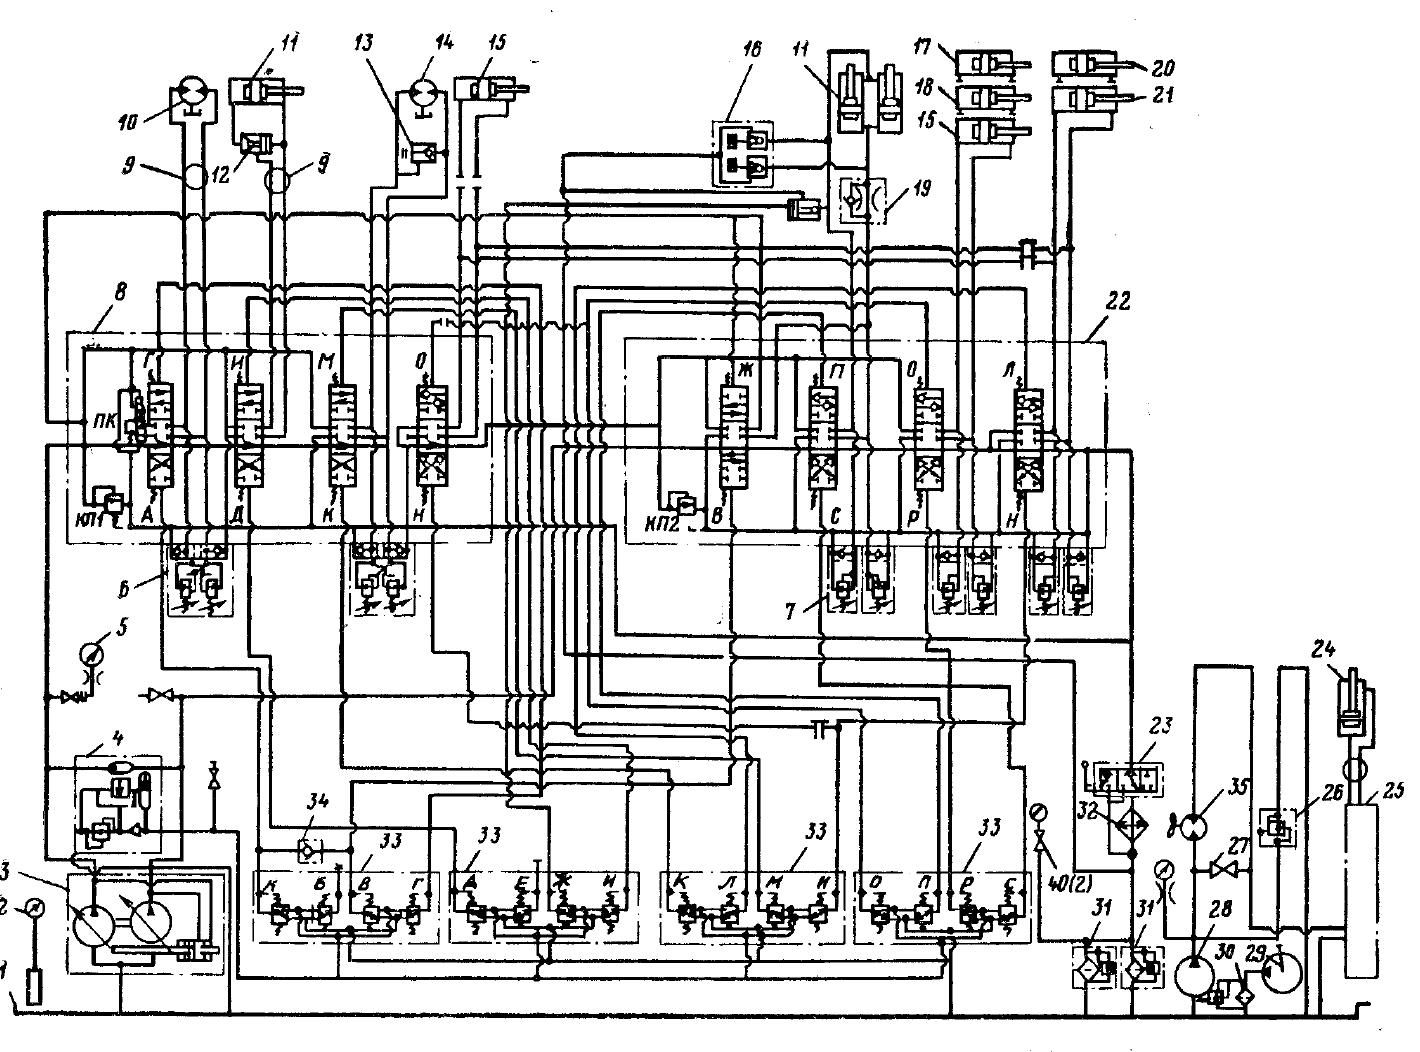 Гидравлическая схема экскаватора эо-4321 а cdw dwg.